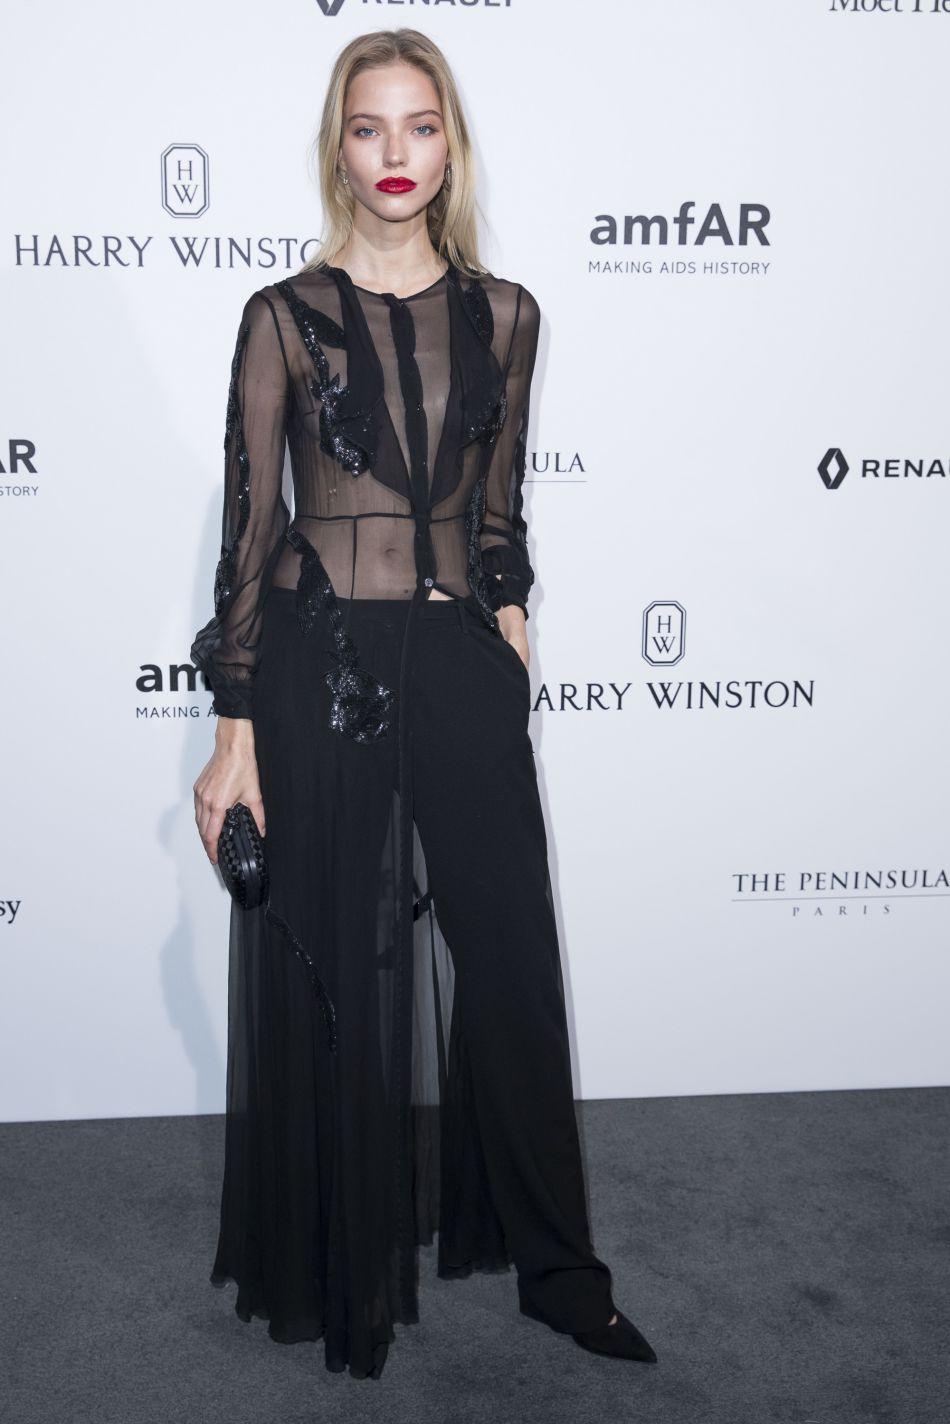 Le mannequin russe Sasha Luss a opté pour un top transparent au dîner de gala de l'amfAR à l'hôtel Peninsula, le 3 juillet 2016.